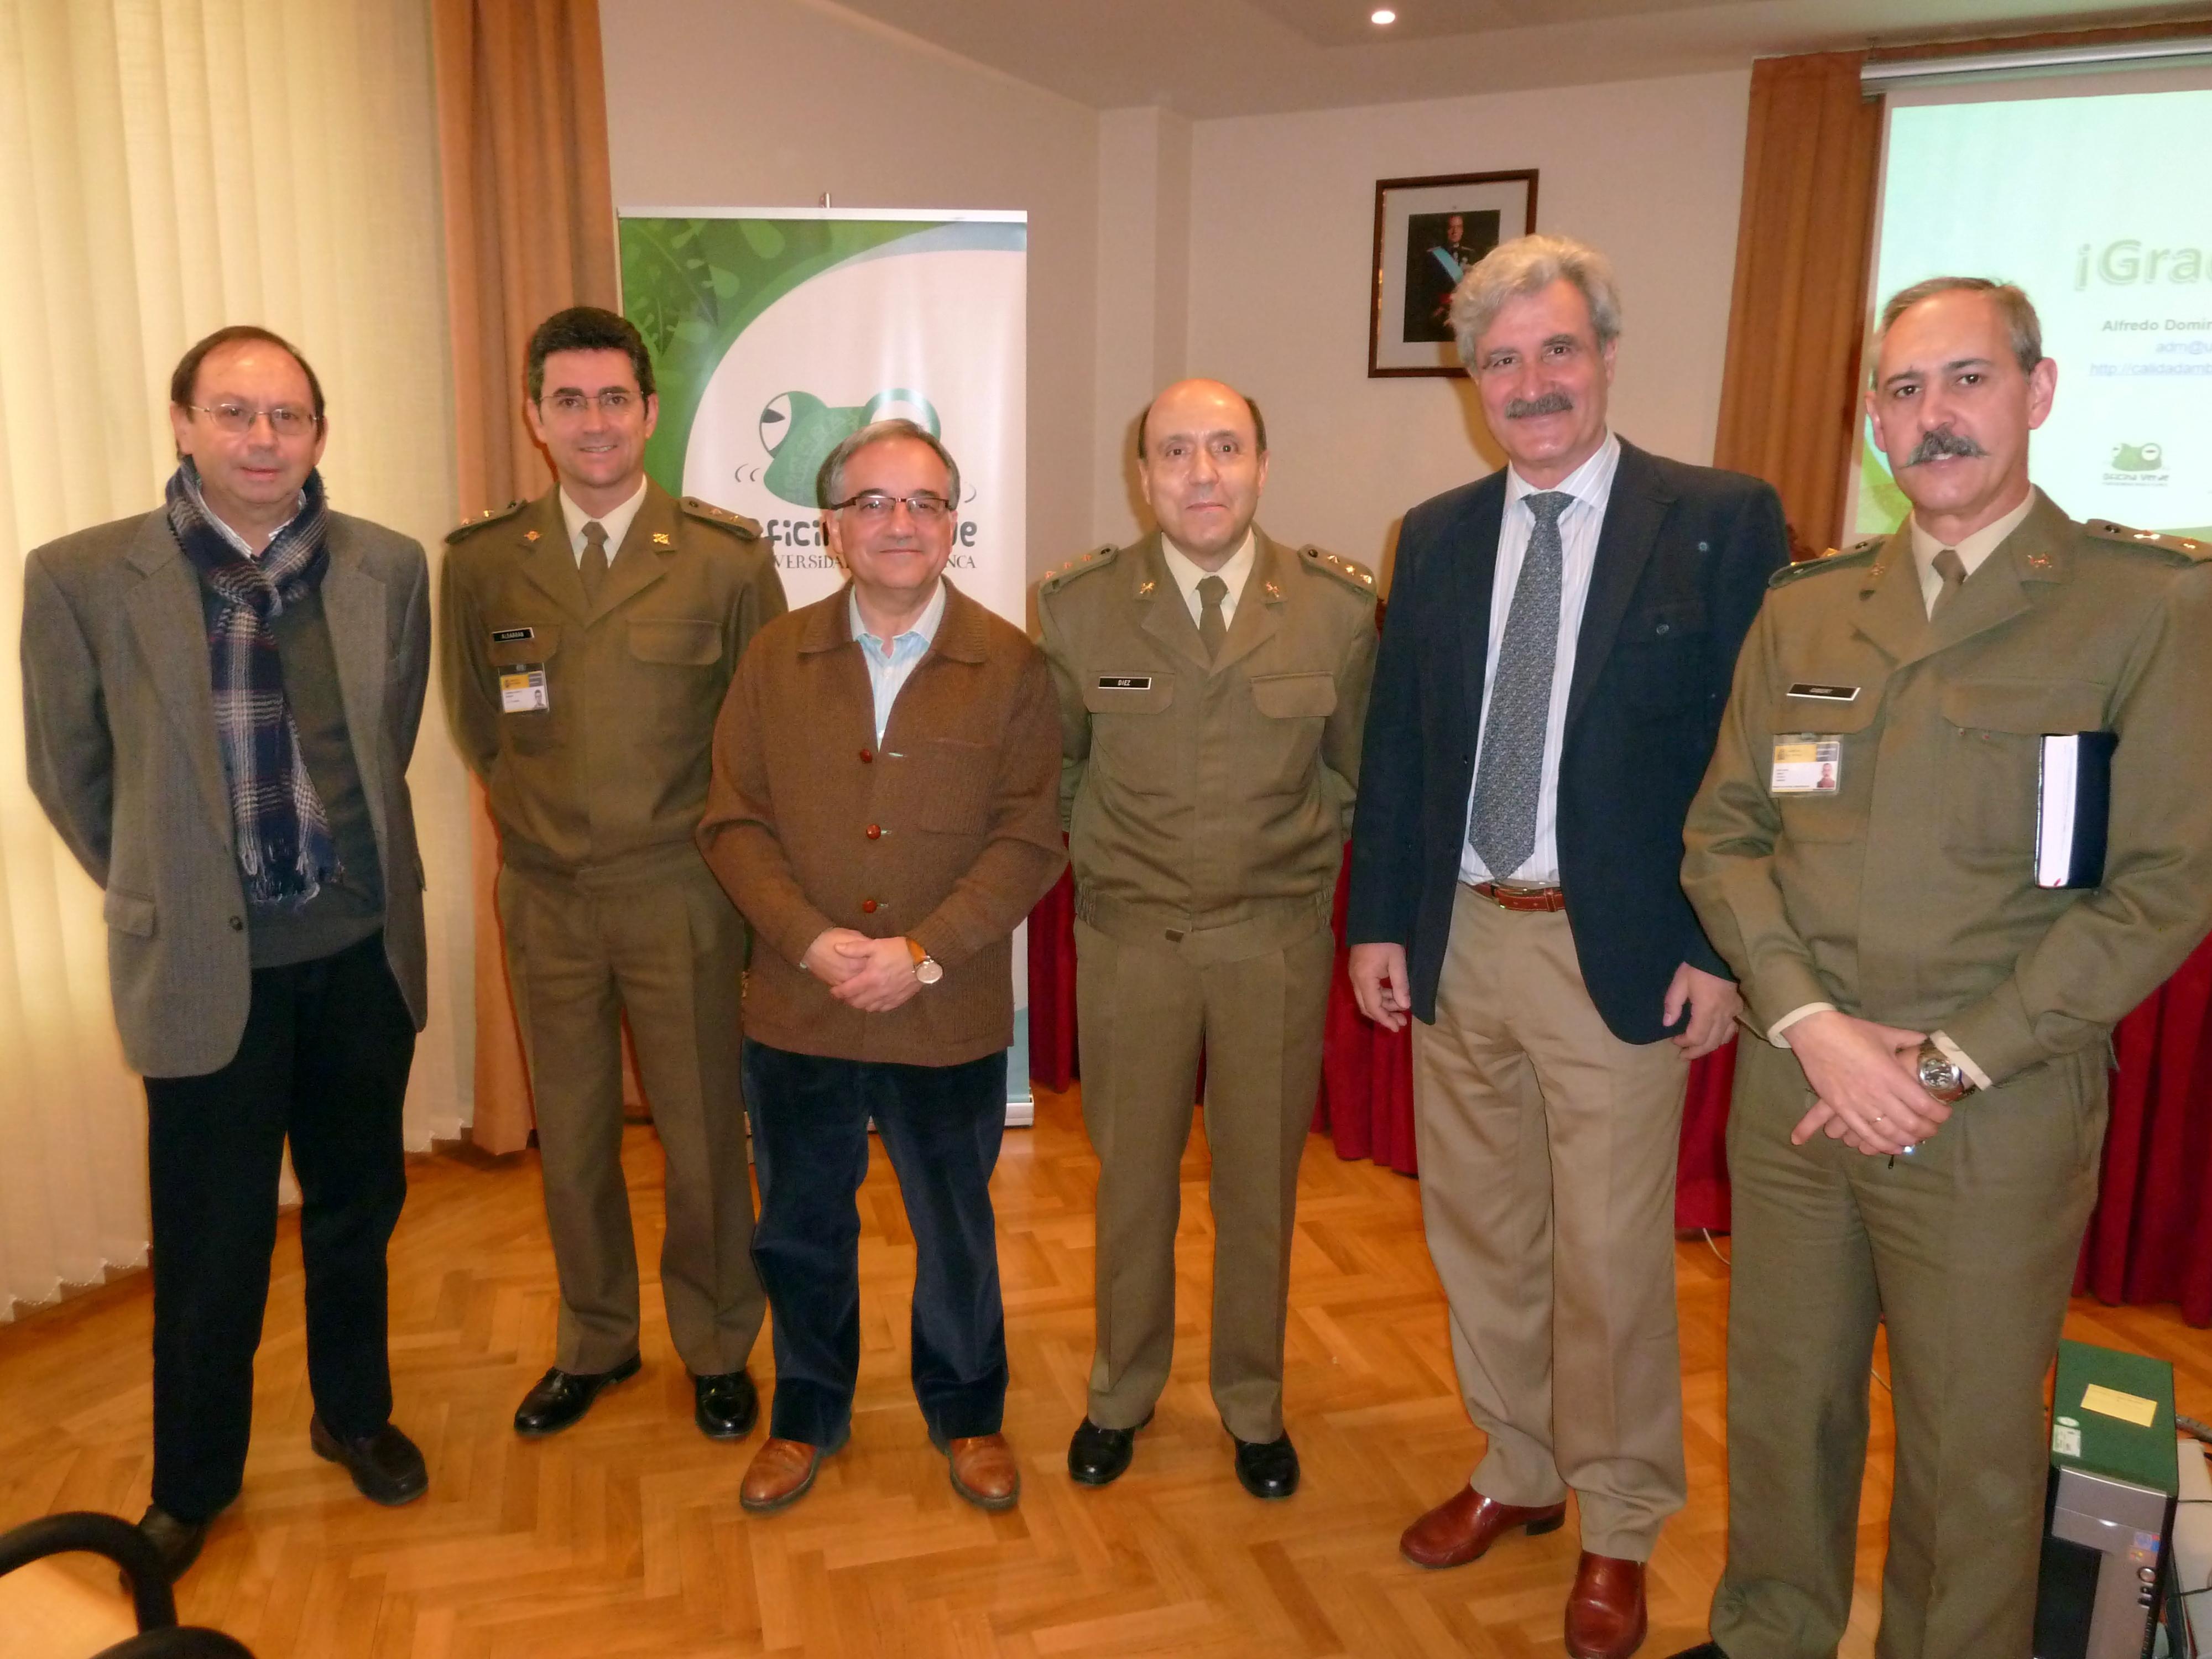 """La Oficina Verde ofrece una charla-coloquio en la Subdelegación de Defensa de Salamanca sobre """"Buenas prácticas en oficinas""""."""